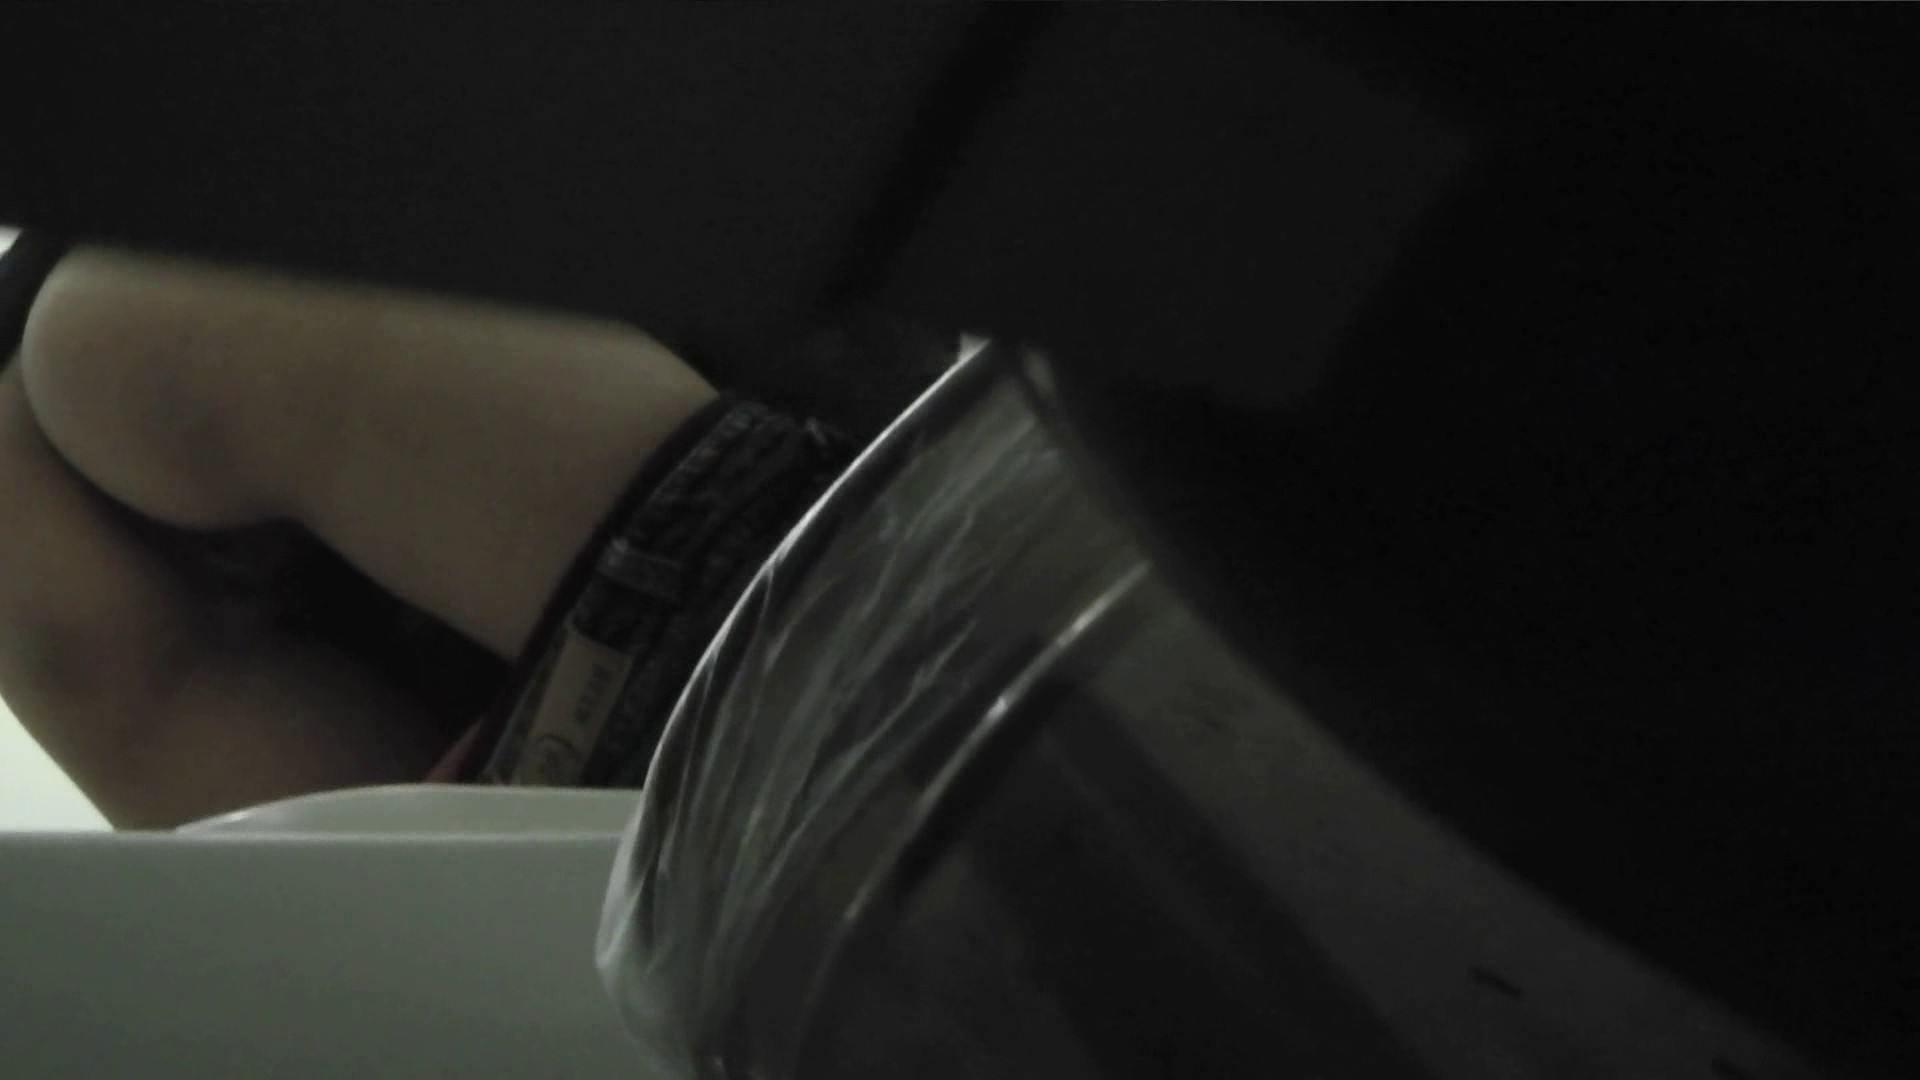 vol.02 着替えシーンもありマス 高画質動画 AV無料動画キャプチャ 109画像 46